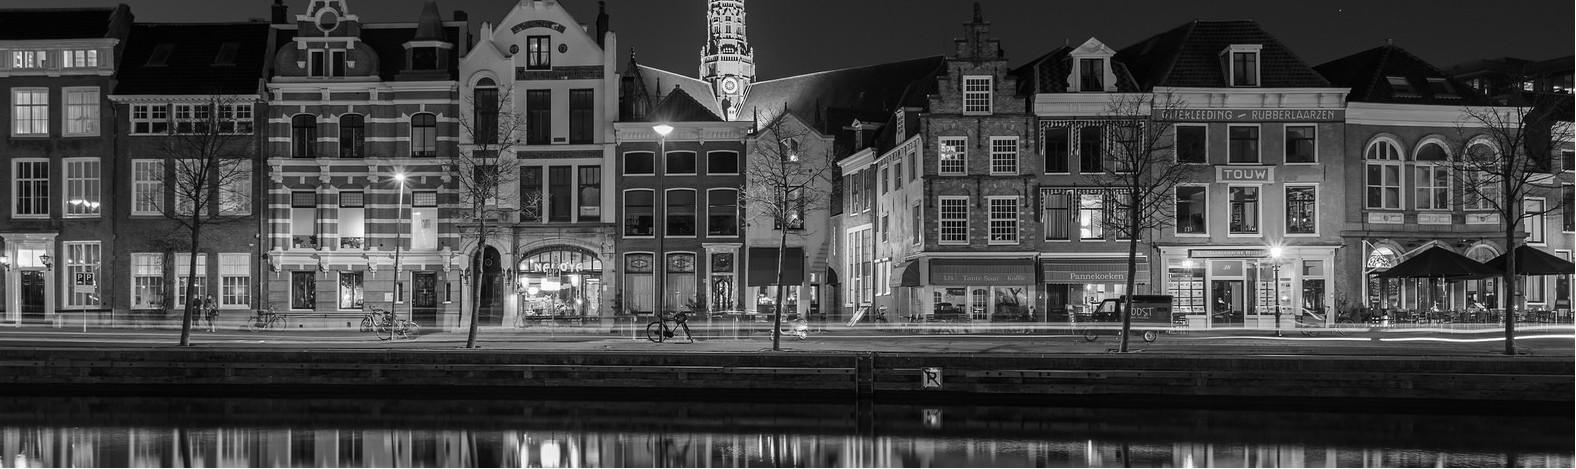 Straat van Haarlem